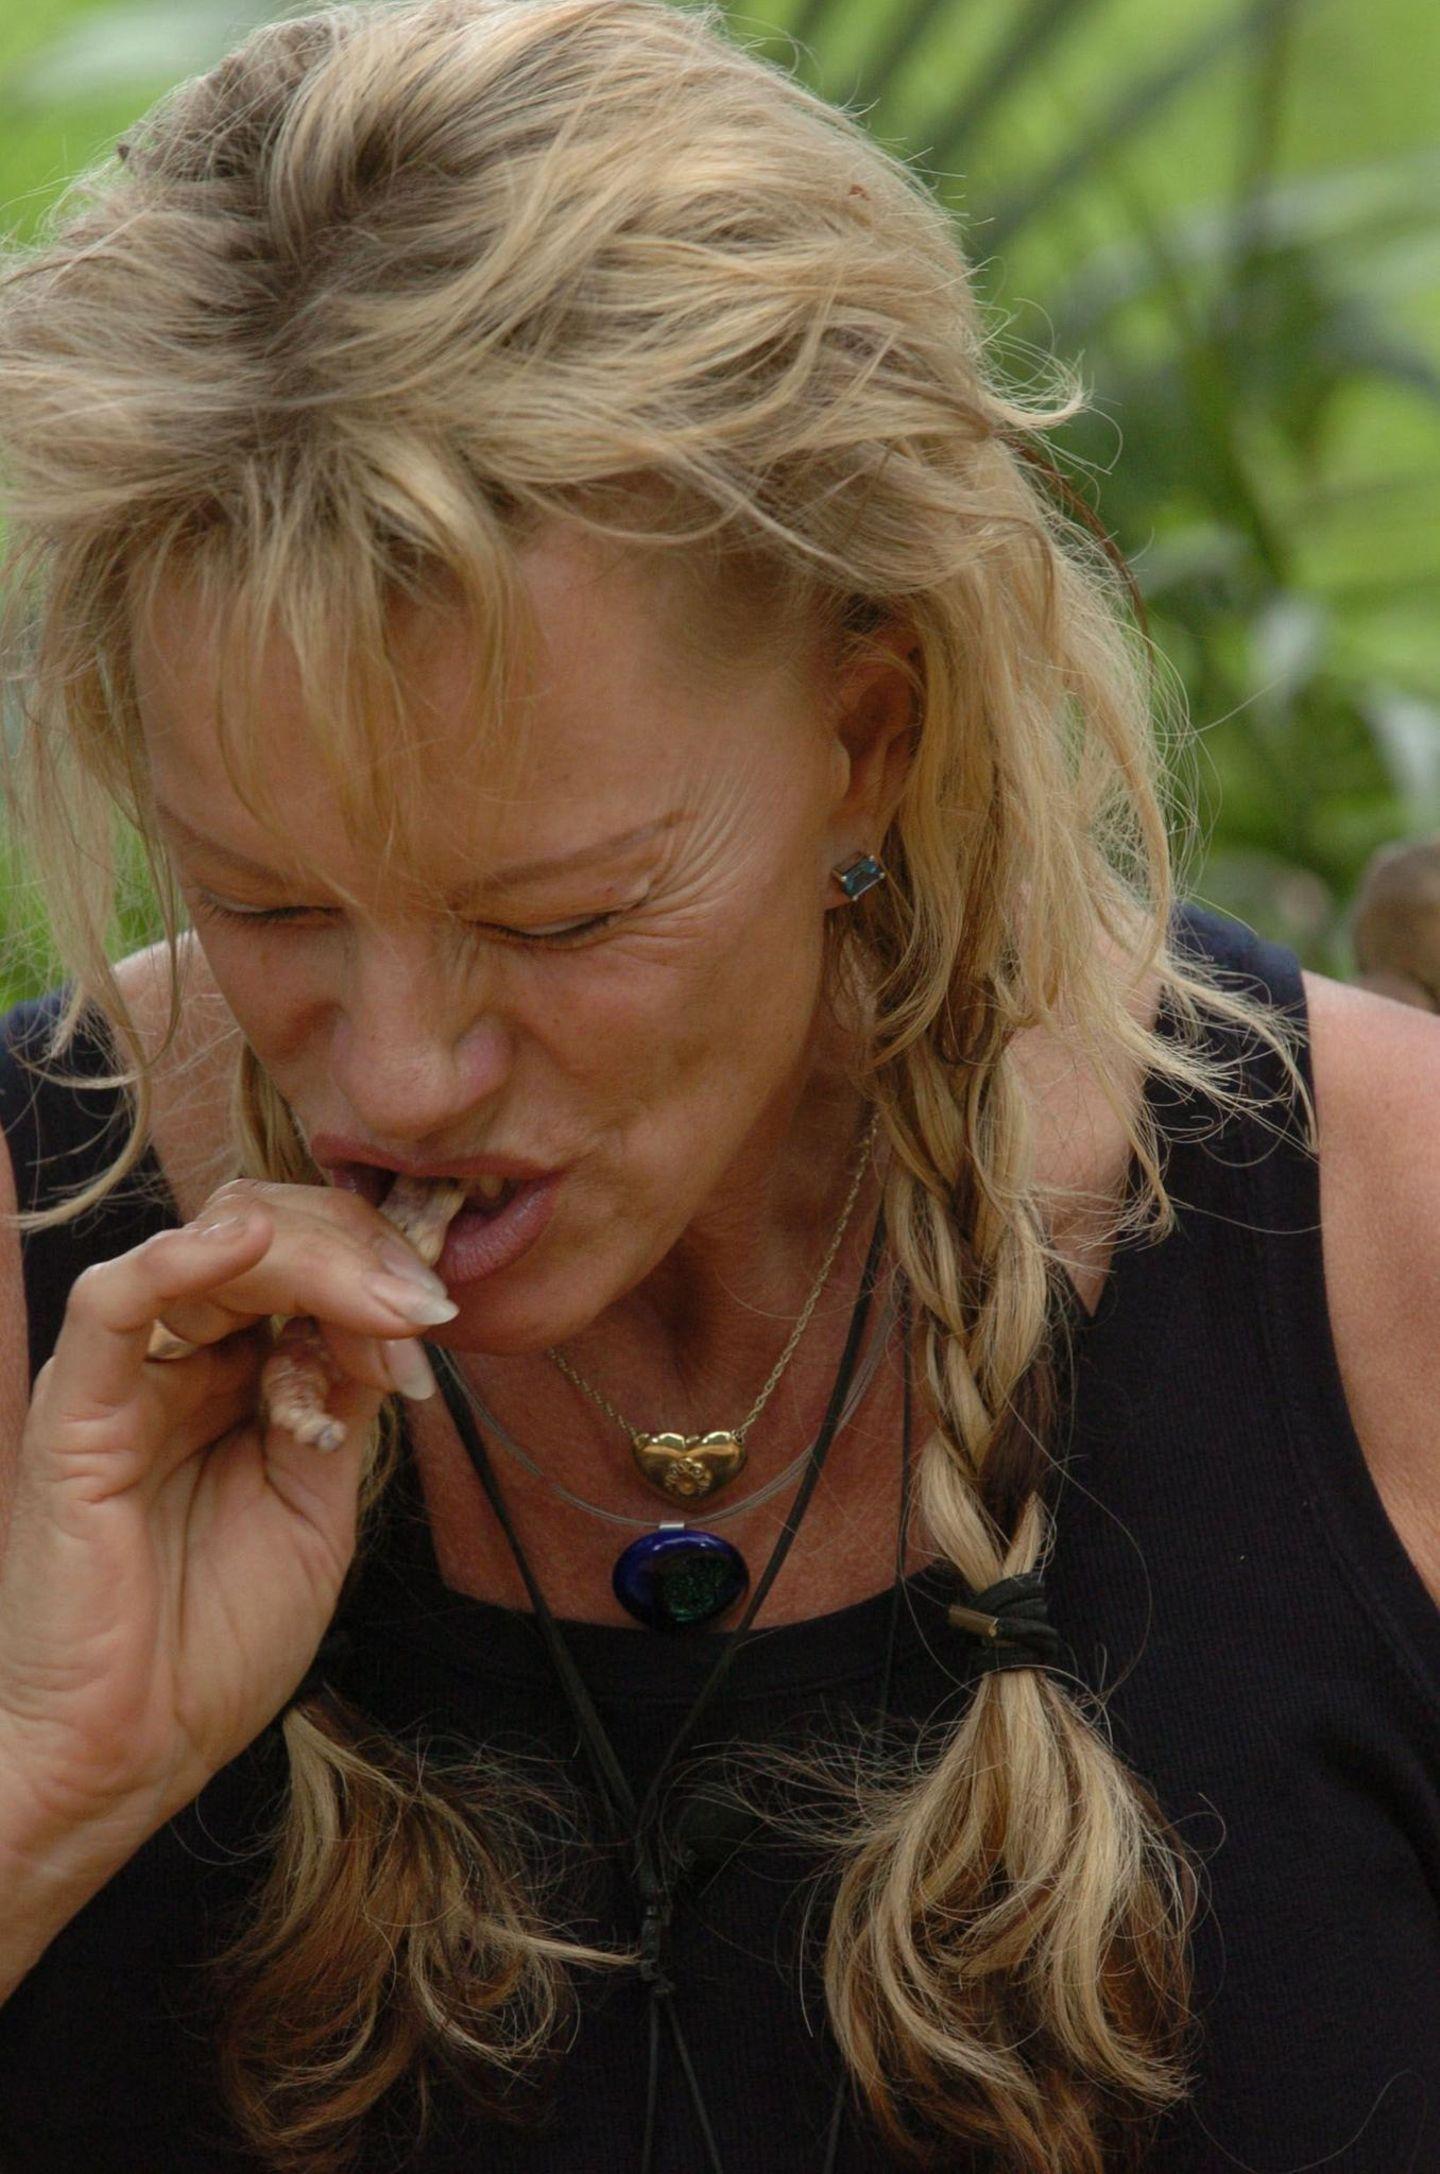 Dschungelcamp: Lisa Fitz beisst auf etwas